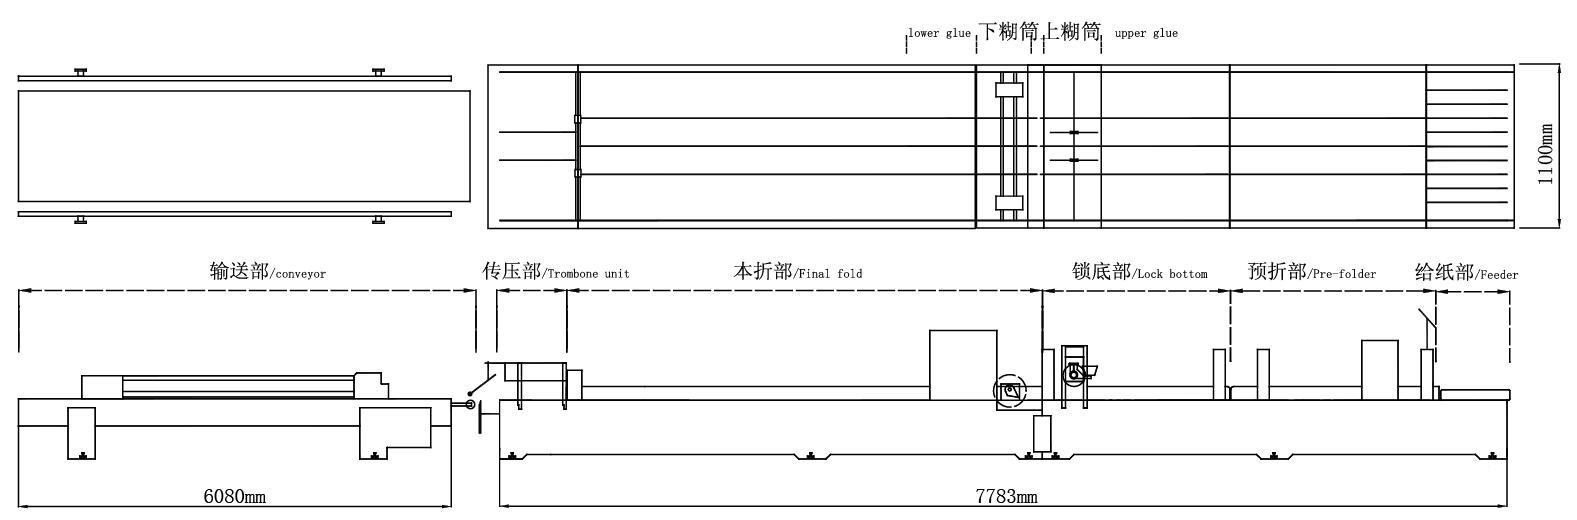 基础平面图-自动高速糊折盒机